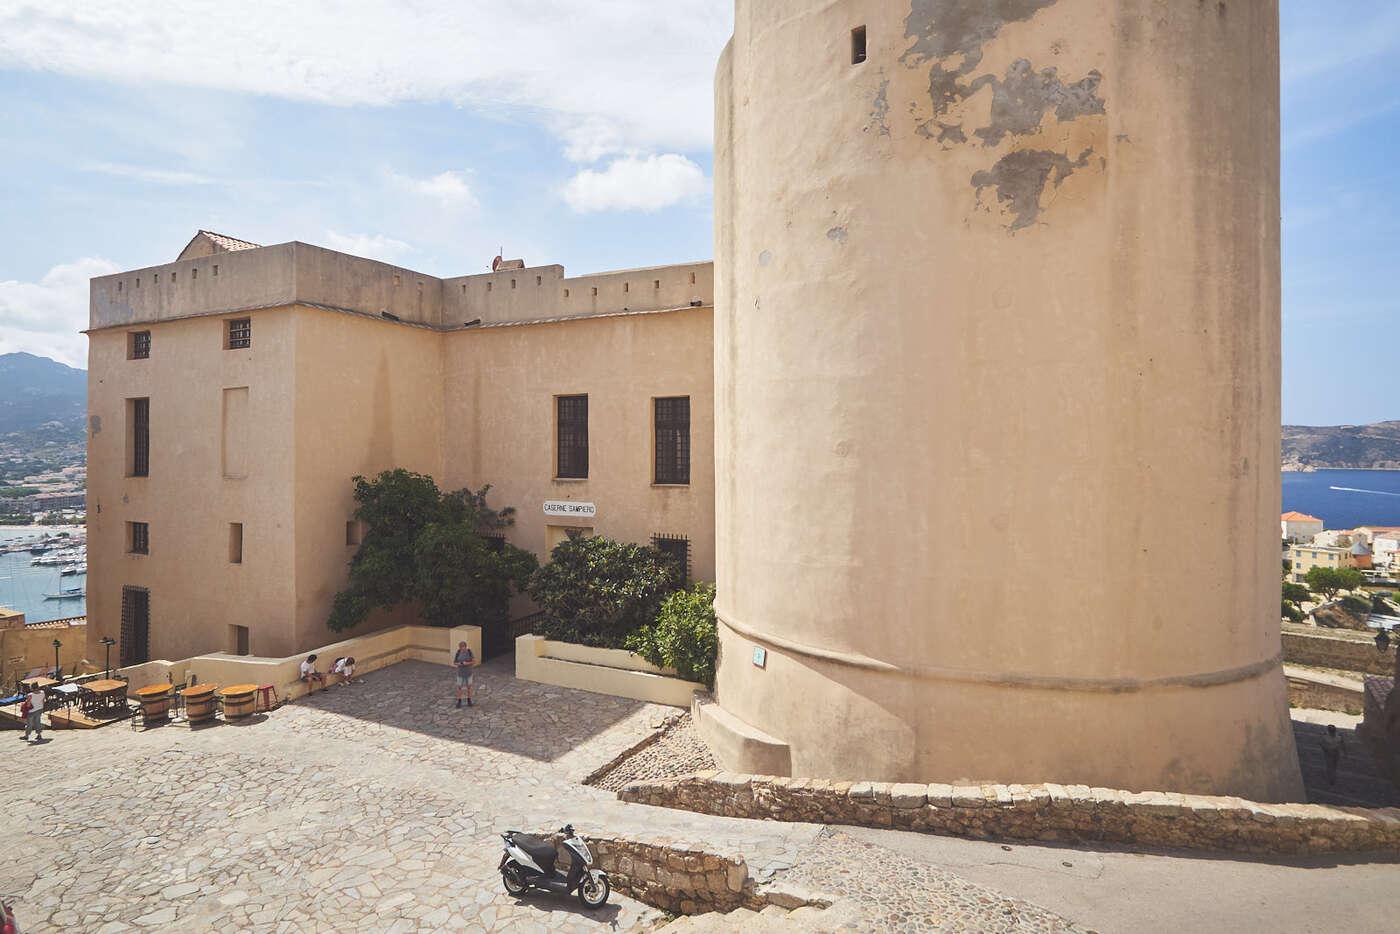 Caserne Sampiero de la citadelle de Calvi, Corse